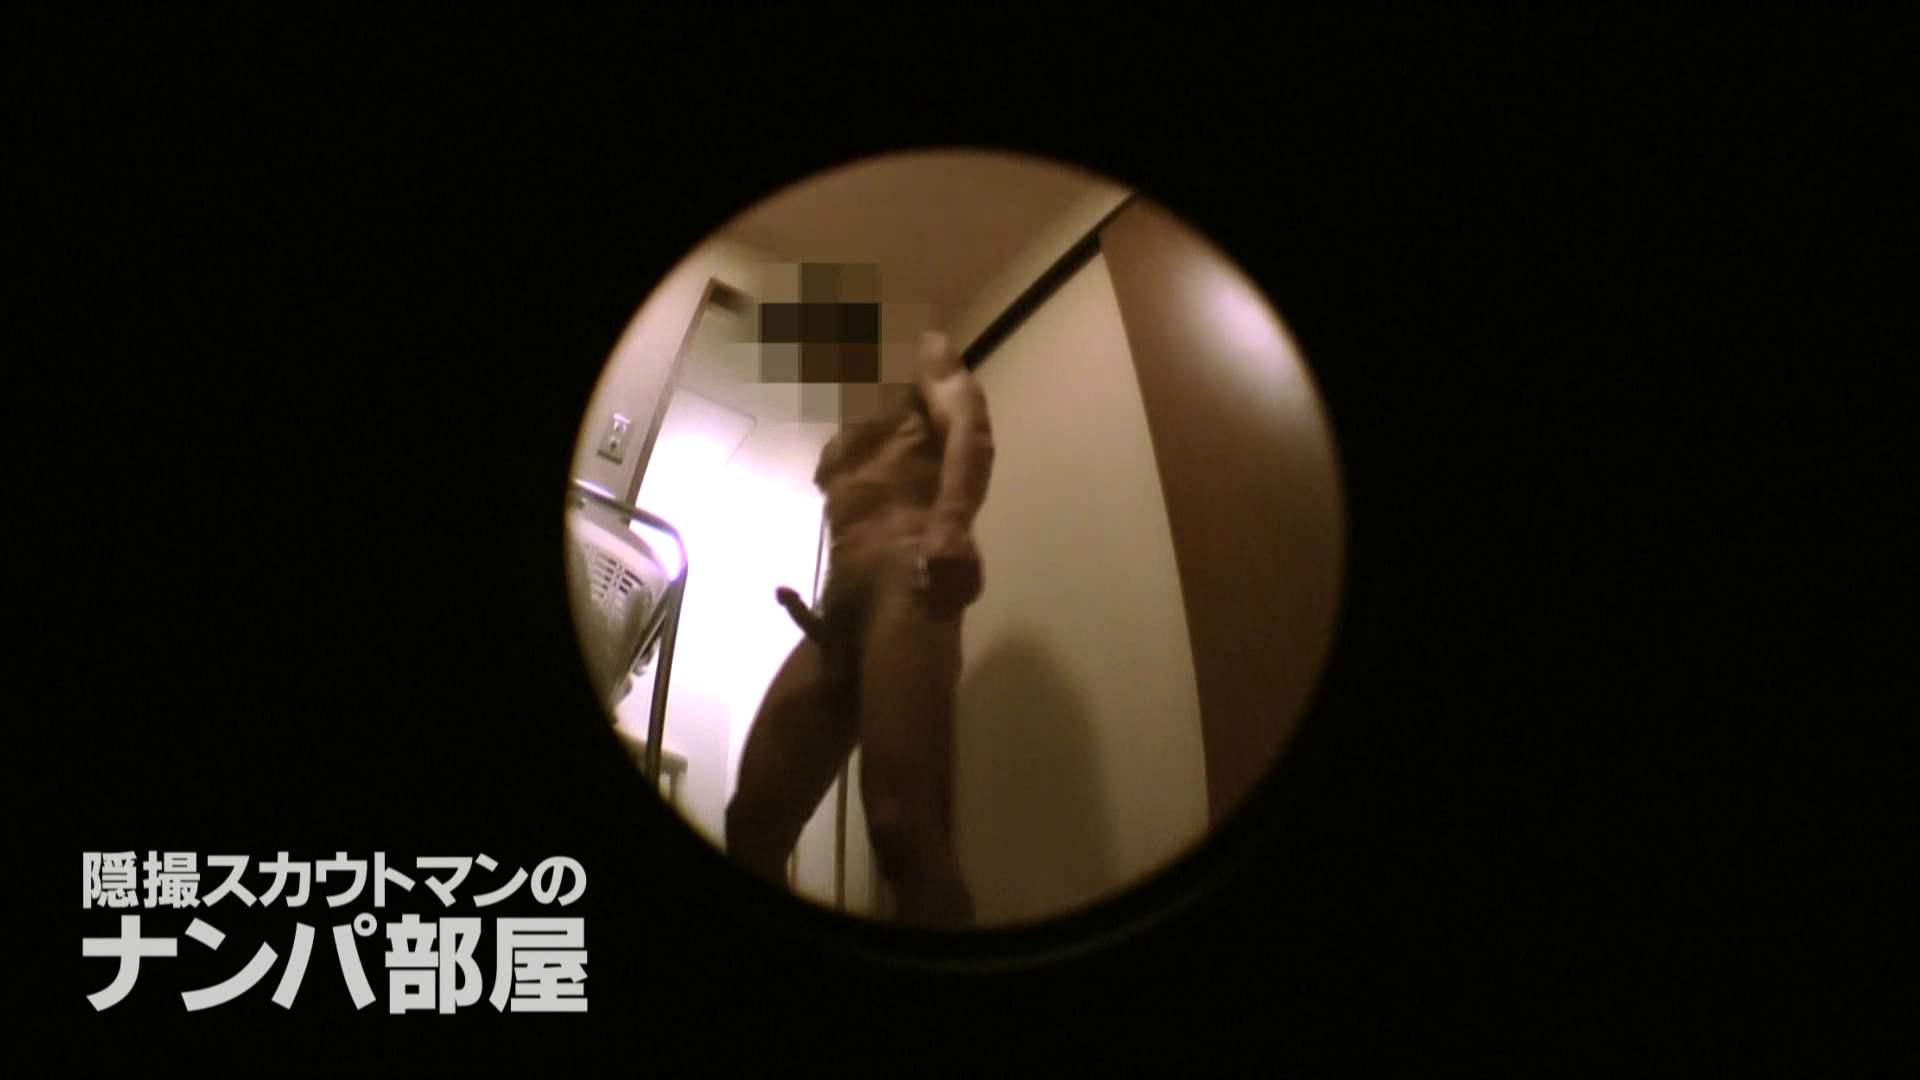 隠撮スカウトマンのナンパ部屋~風俗デビュー前のつまみ食い~ siivol.4 ナンパ AV動画キャプチャ 91pic 39